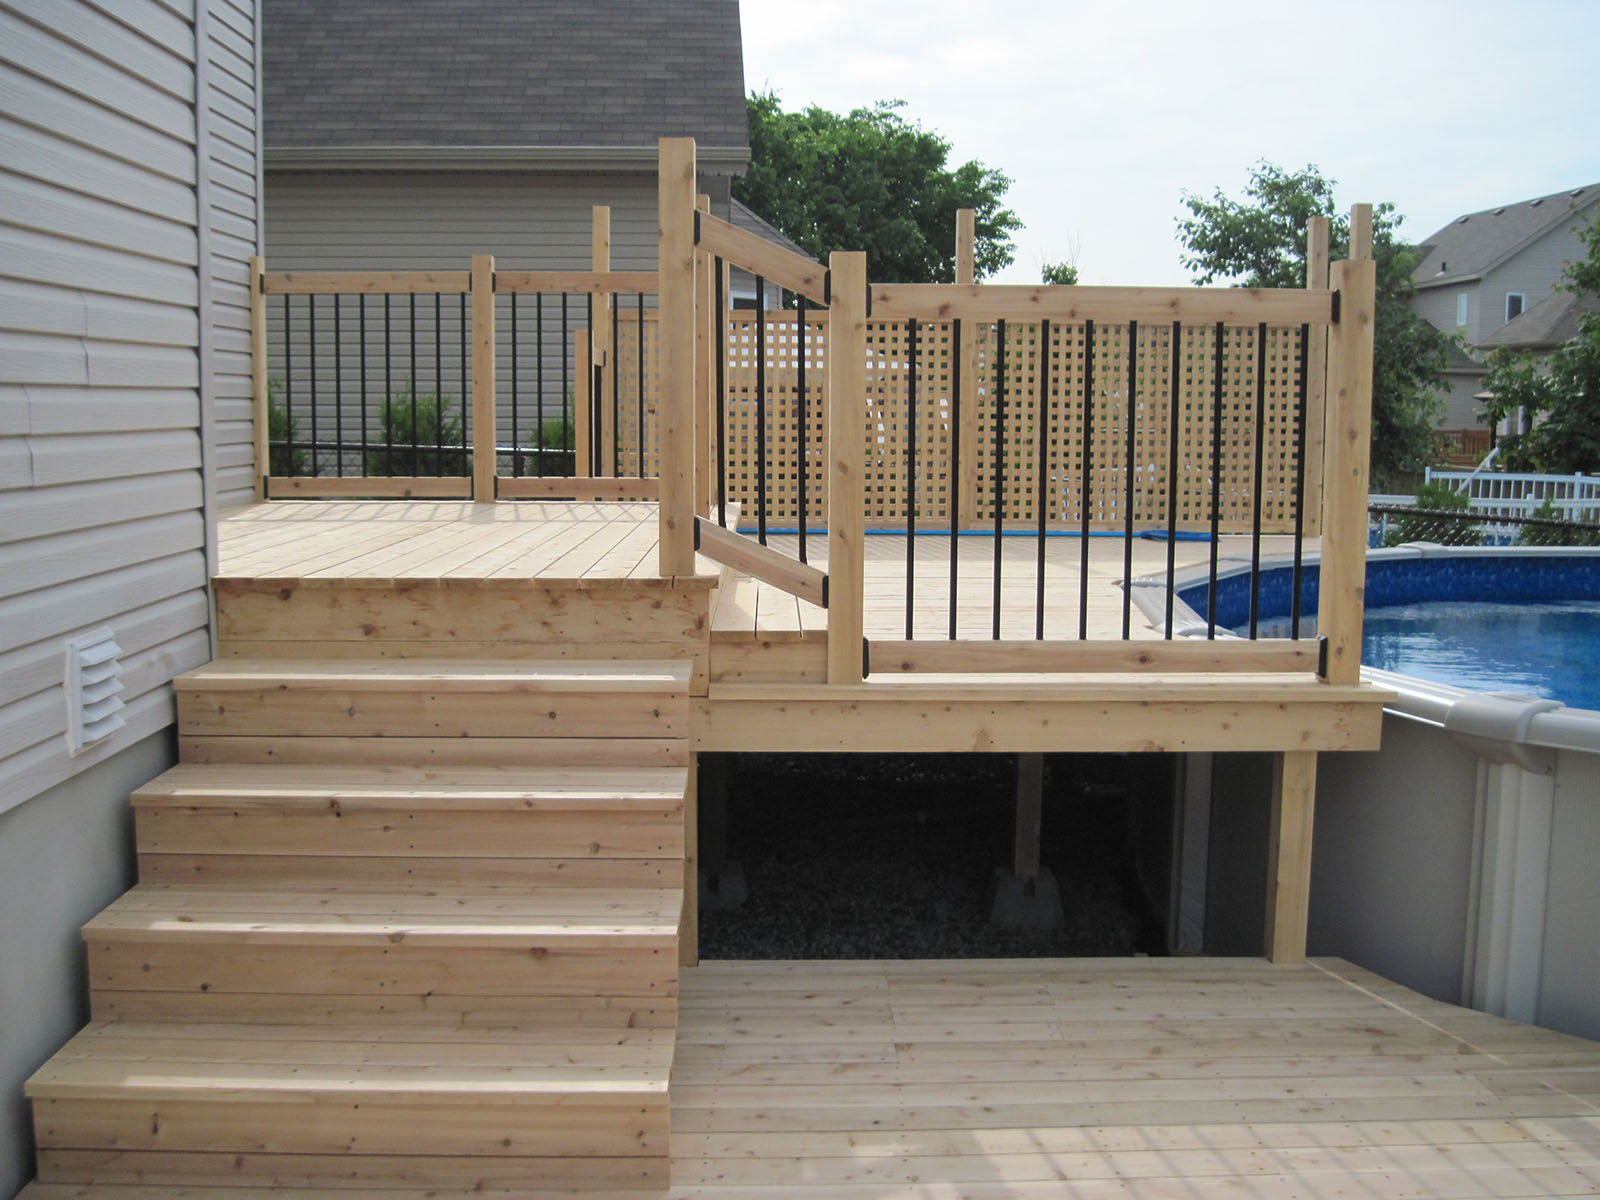 Patio, pergola et clôtures de bois exemple 1